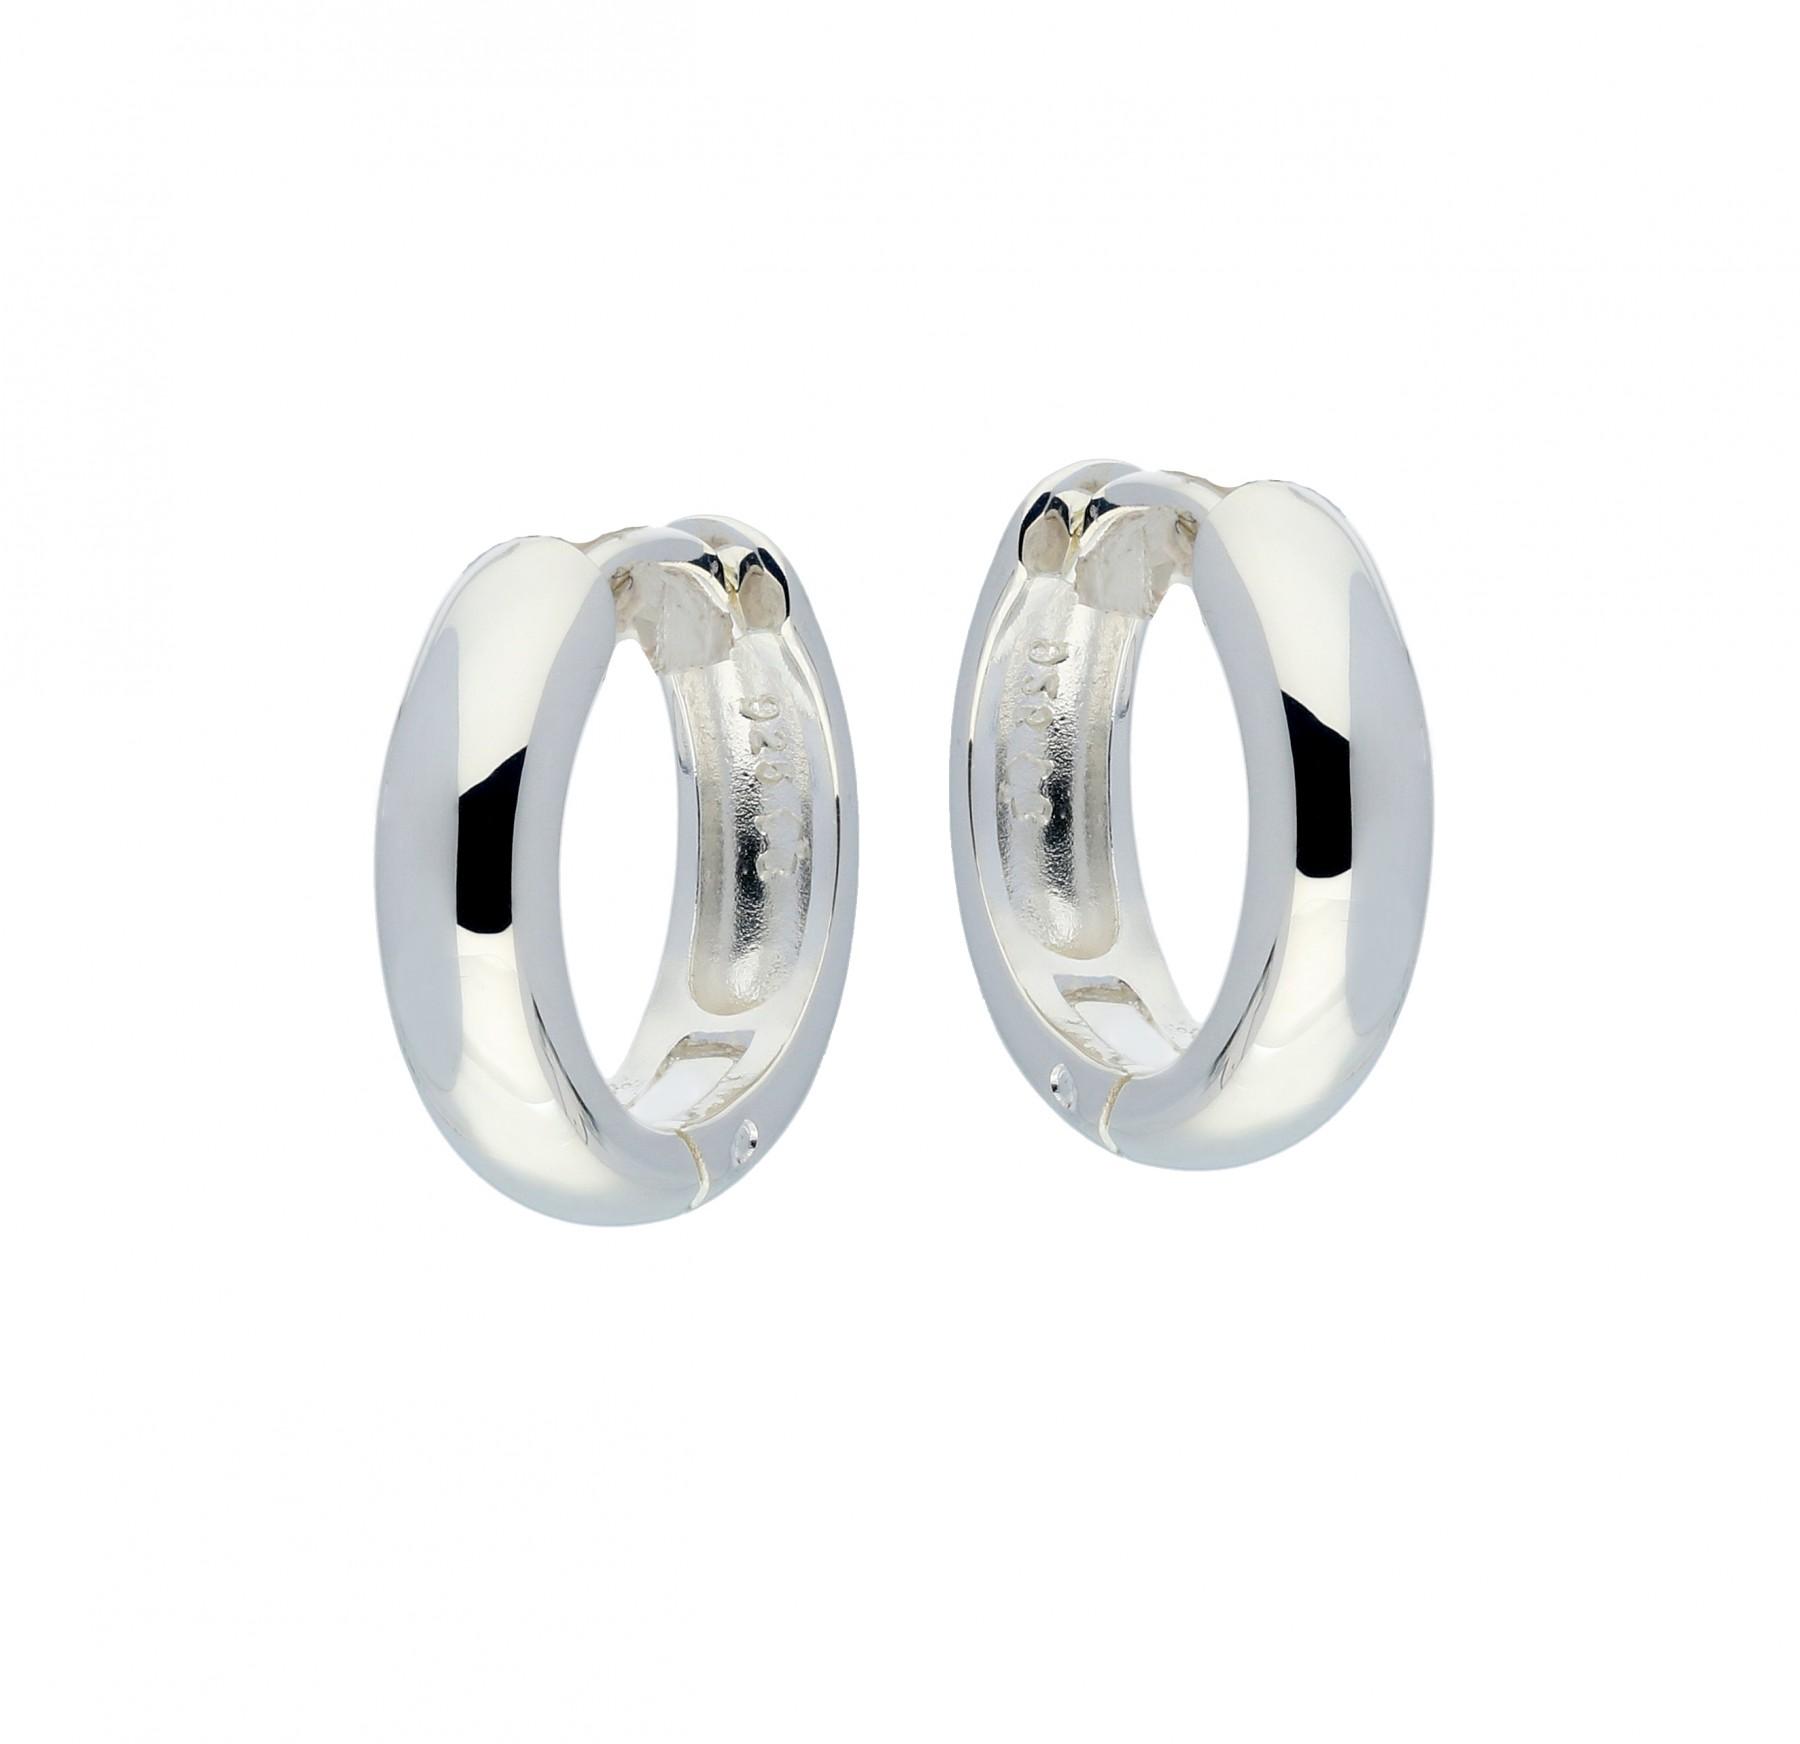 Zilveren klapcreolen - ronde buis 4 mm  107.0068.16